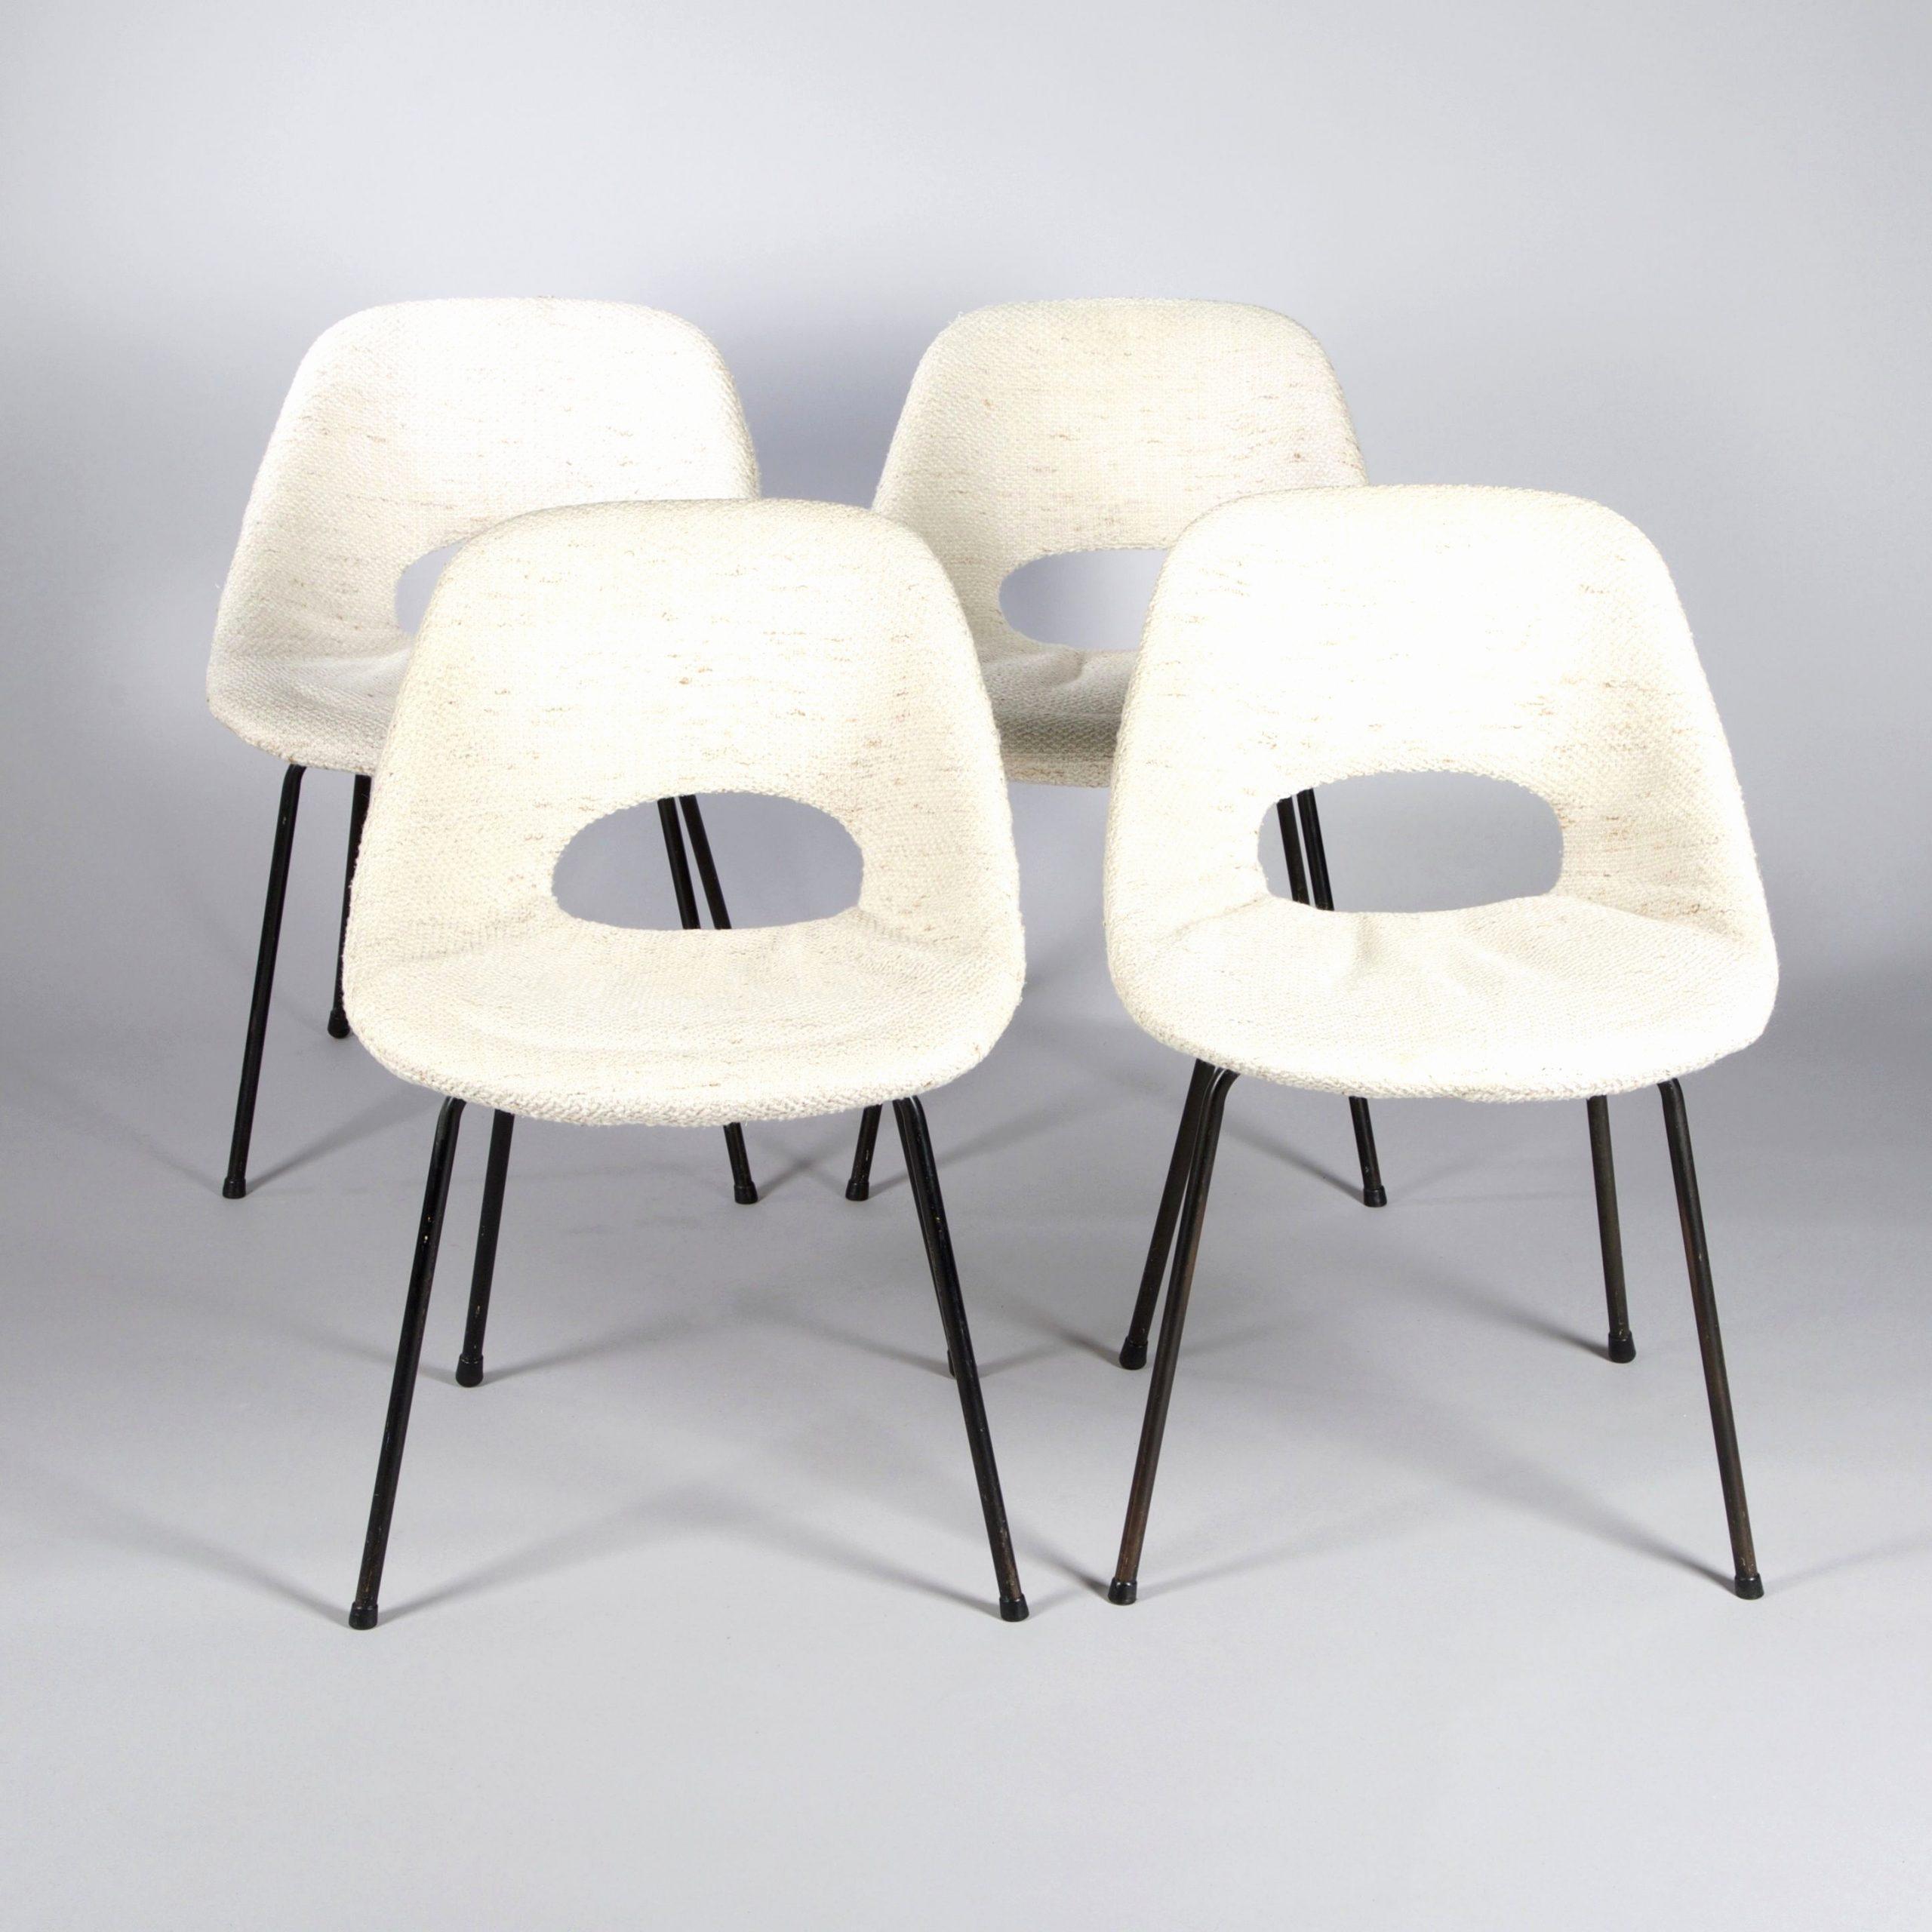 Parasol Pas Cher Gifi Nouveau Classy Chaise De Jardin ... avec Salon De Jardin Plastique Pas Cher